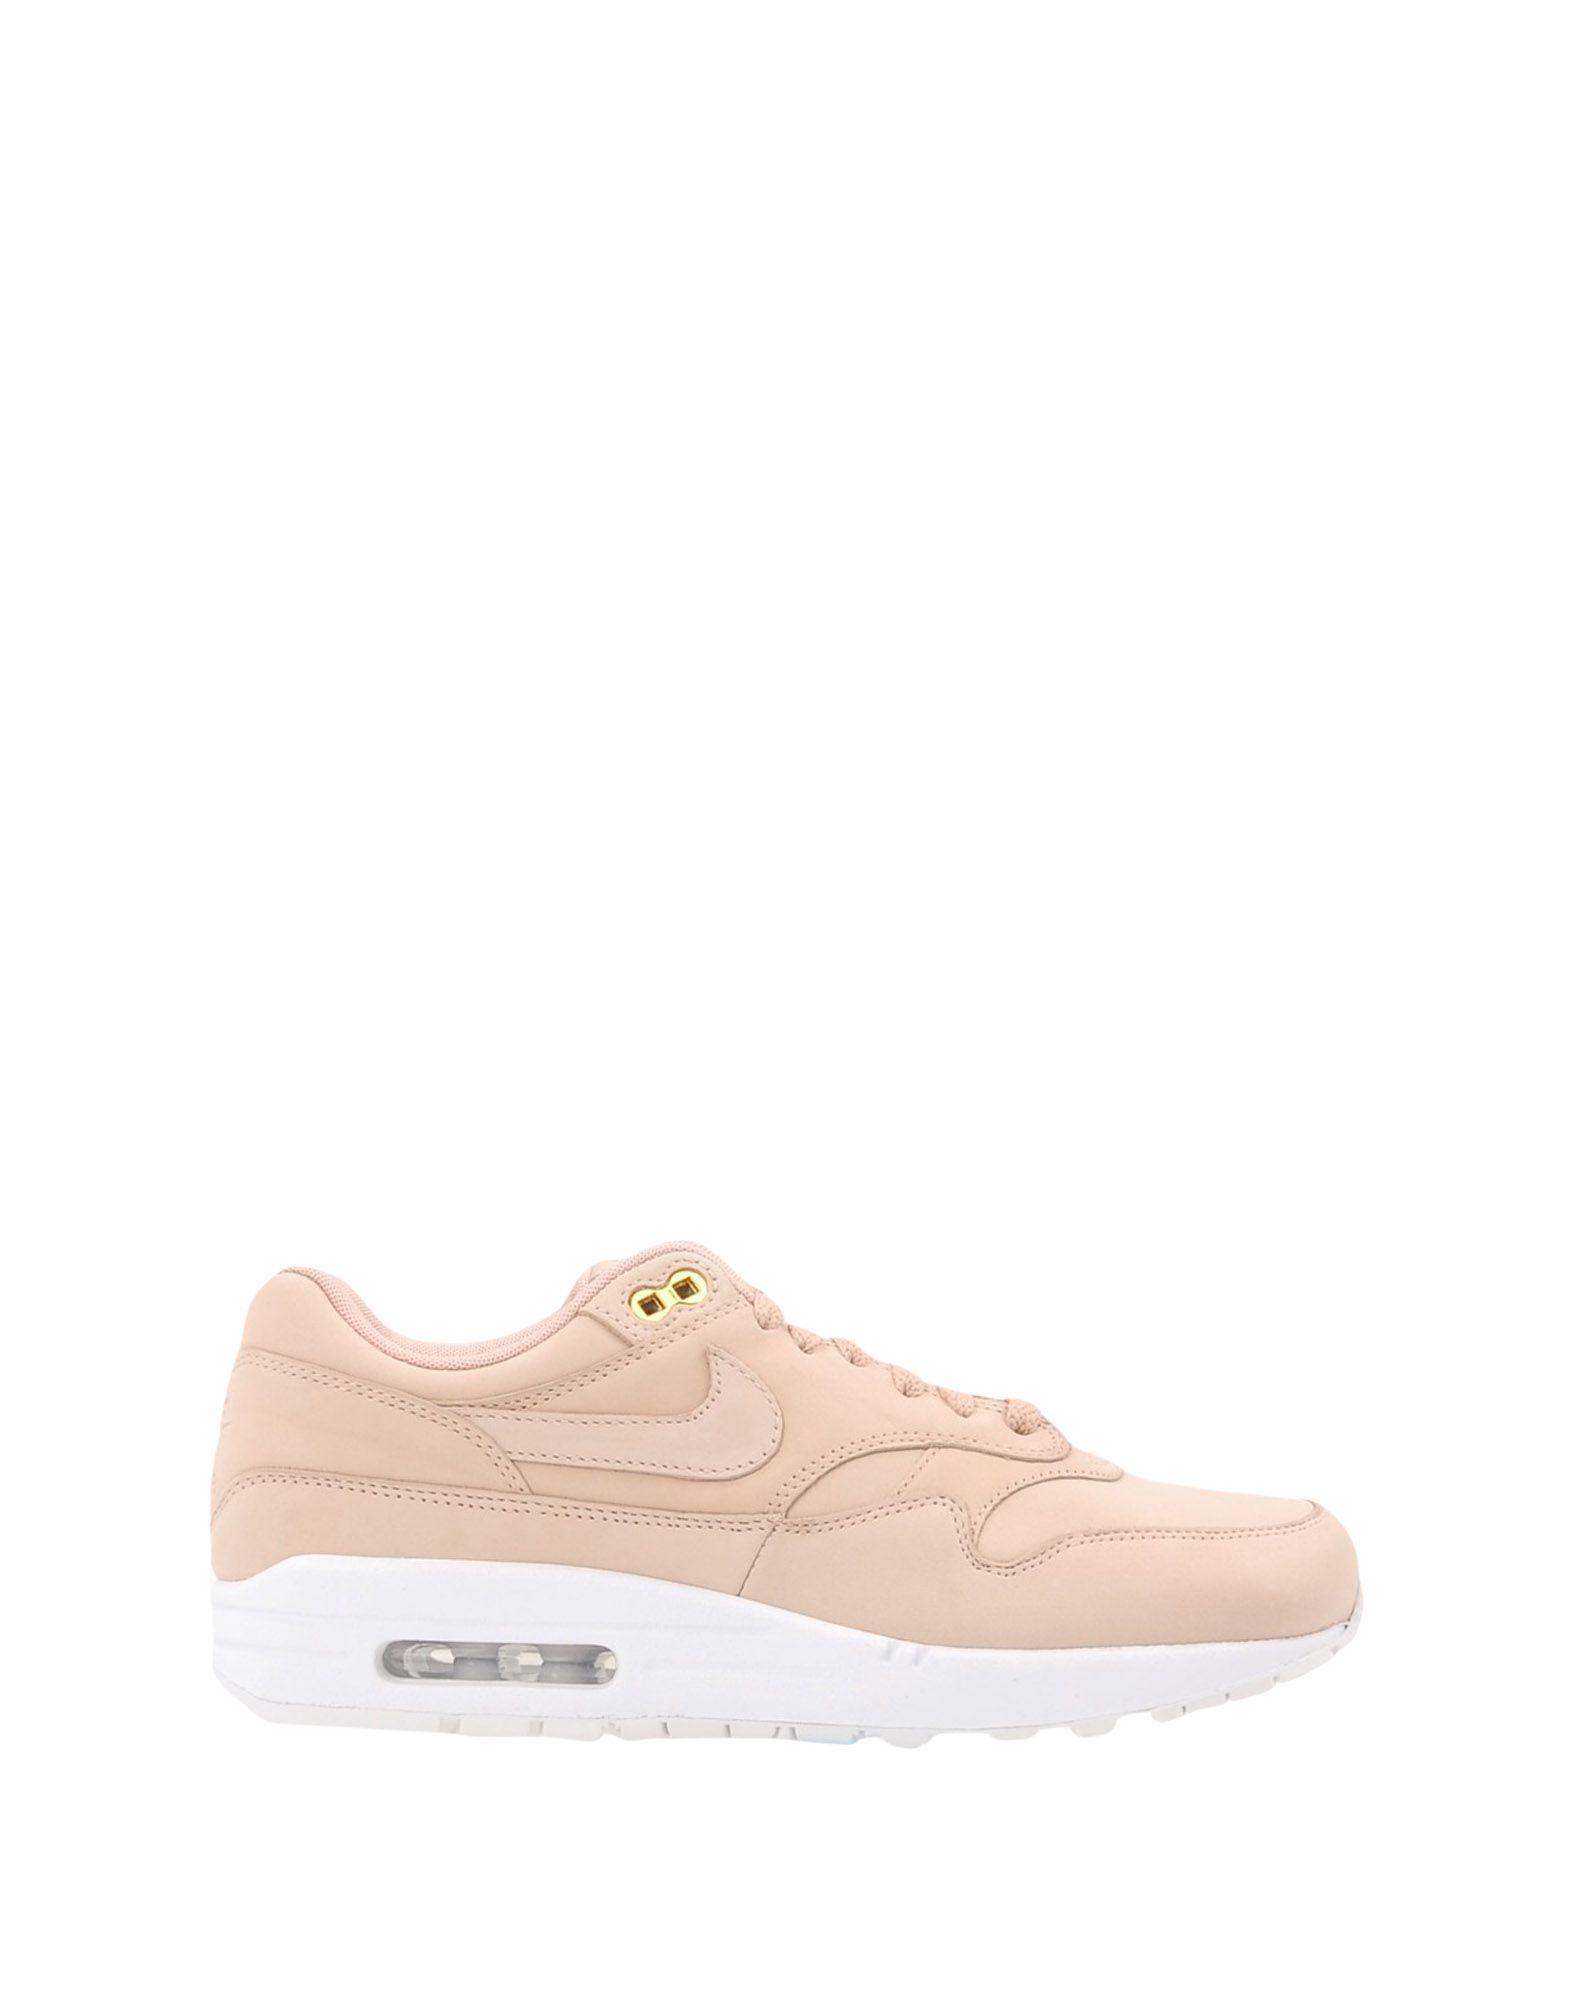 Nike Wmns Air 11405884VF Max 1 Prm  11405884VF Air Heiße Schuhe d7ee77